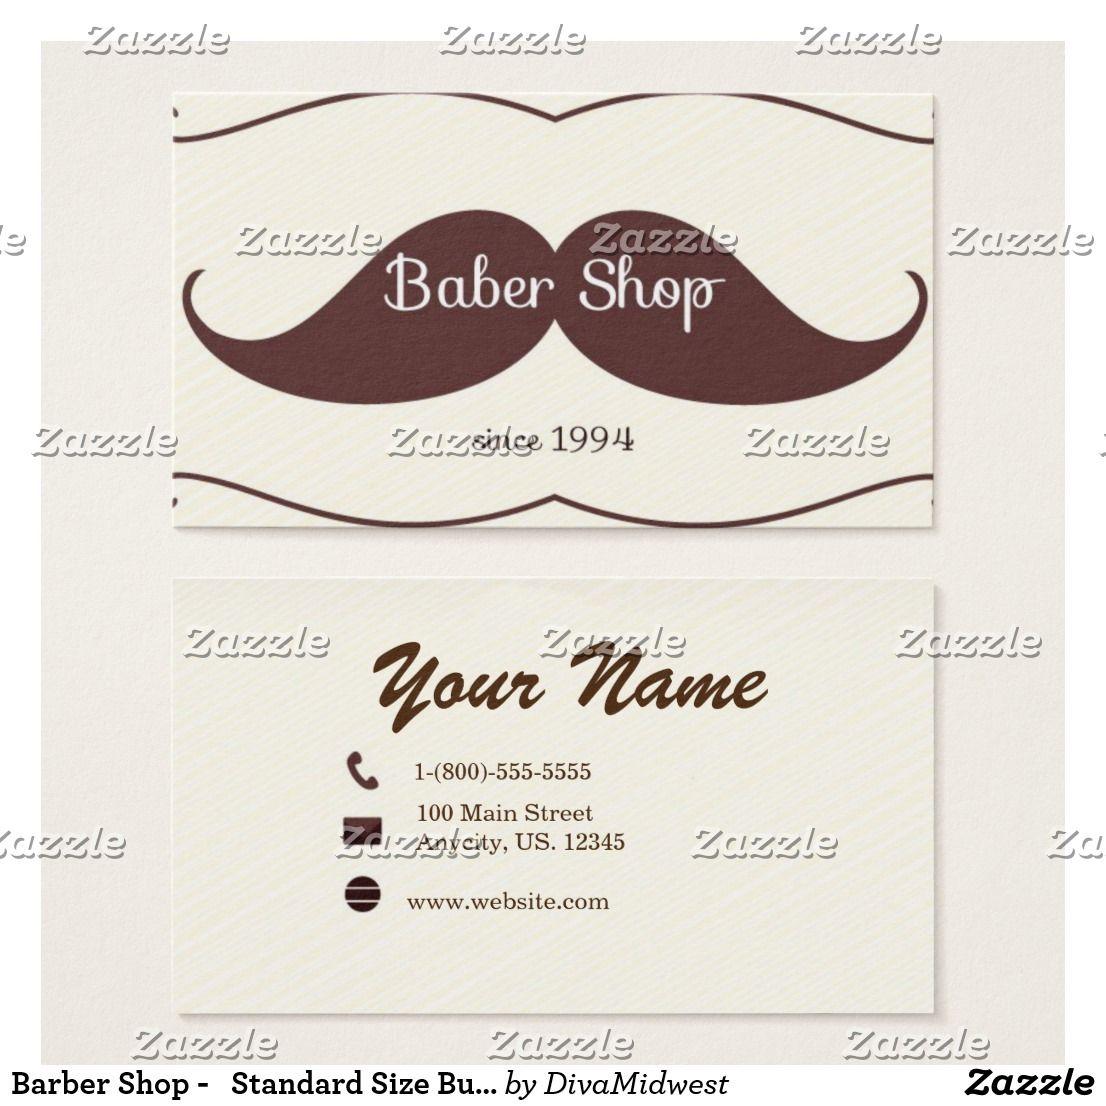 Barber Shop - Standard Size Business Card | Barber shop